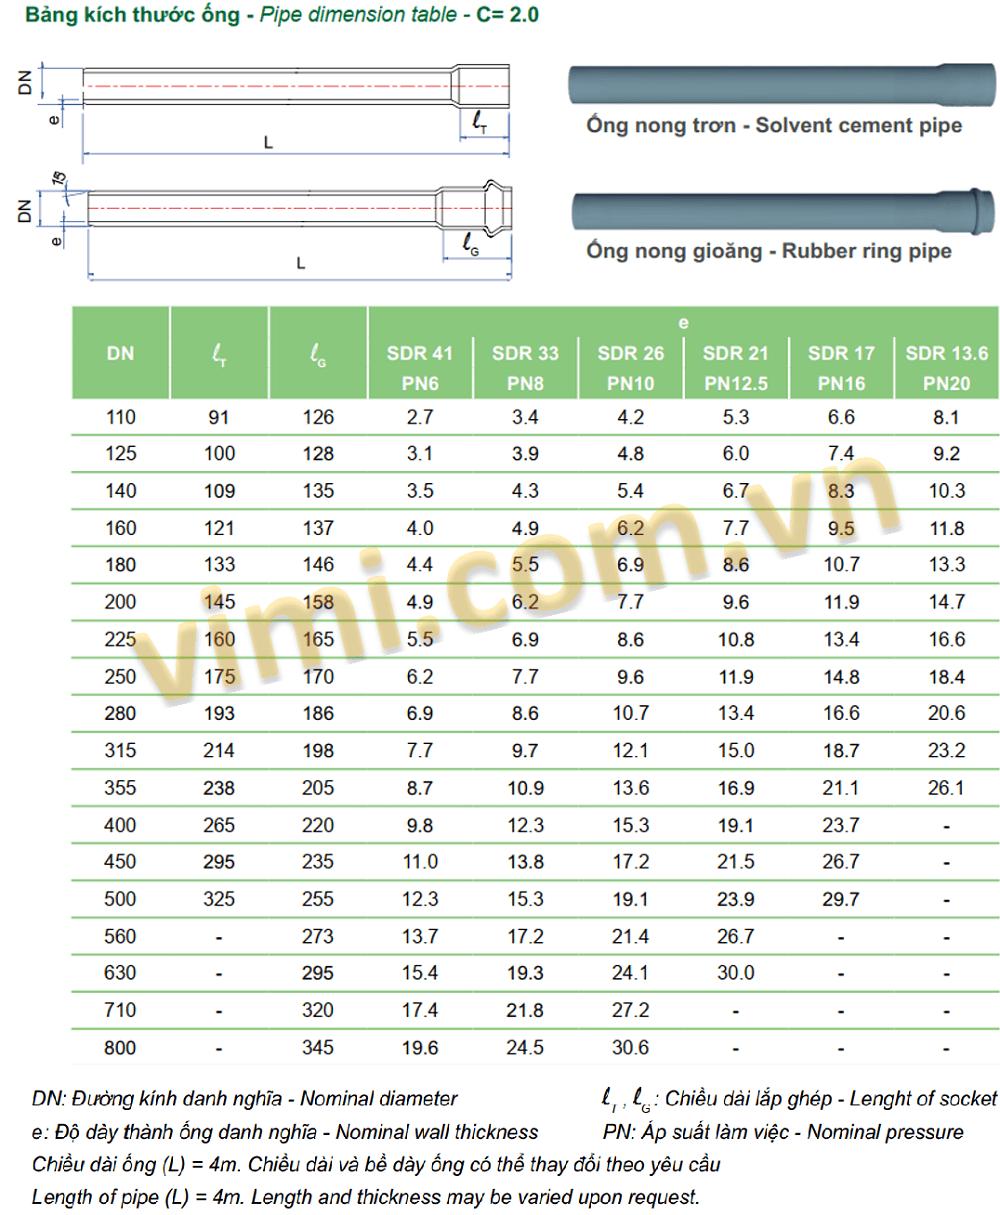 bảng quy đổi kích thước đường ống nhựa quốc nội 04